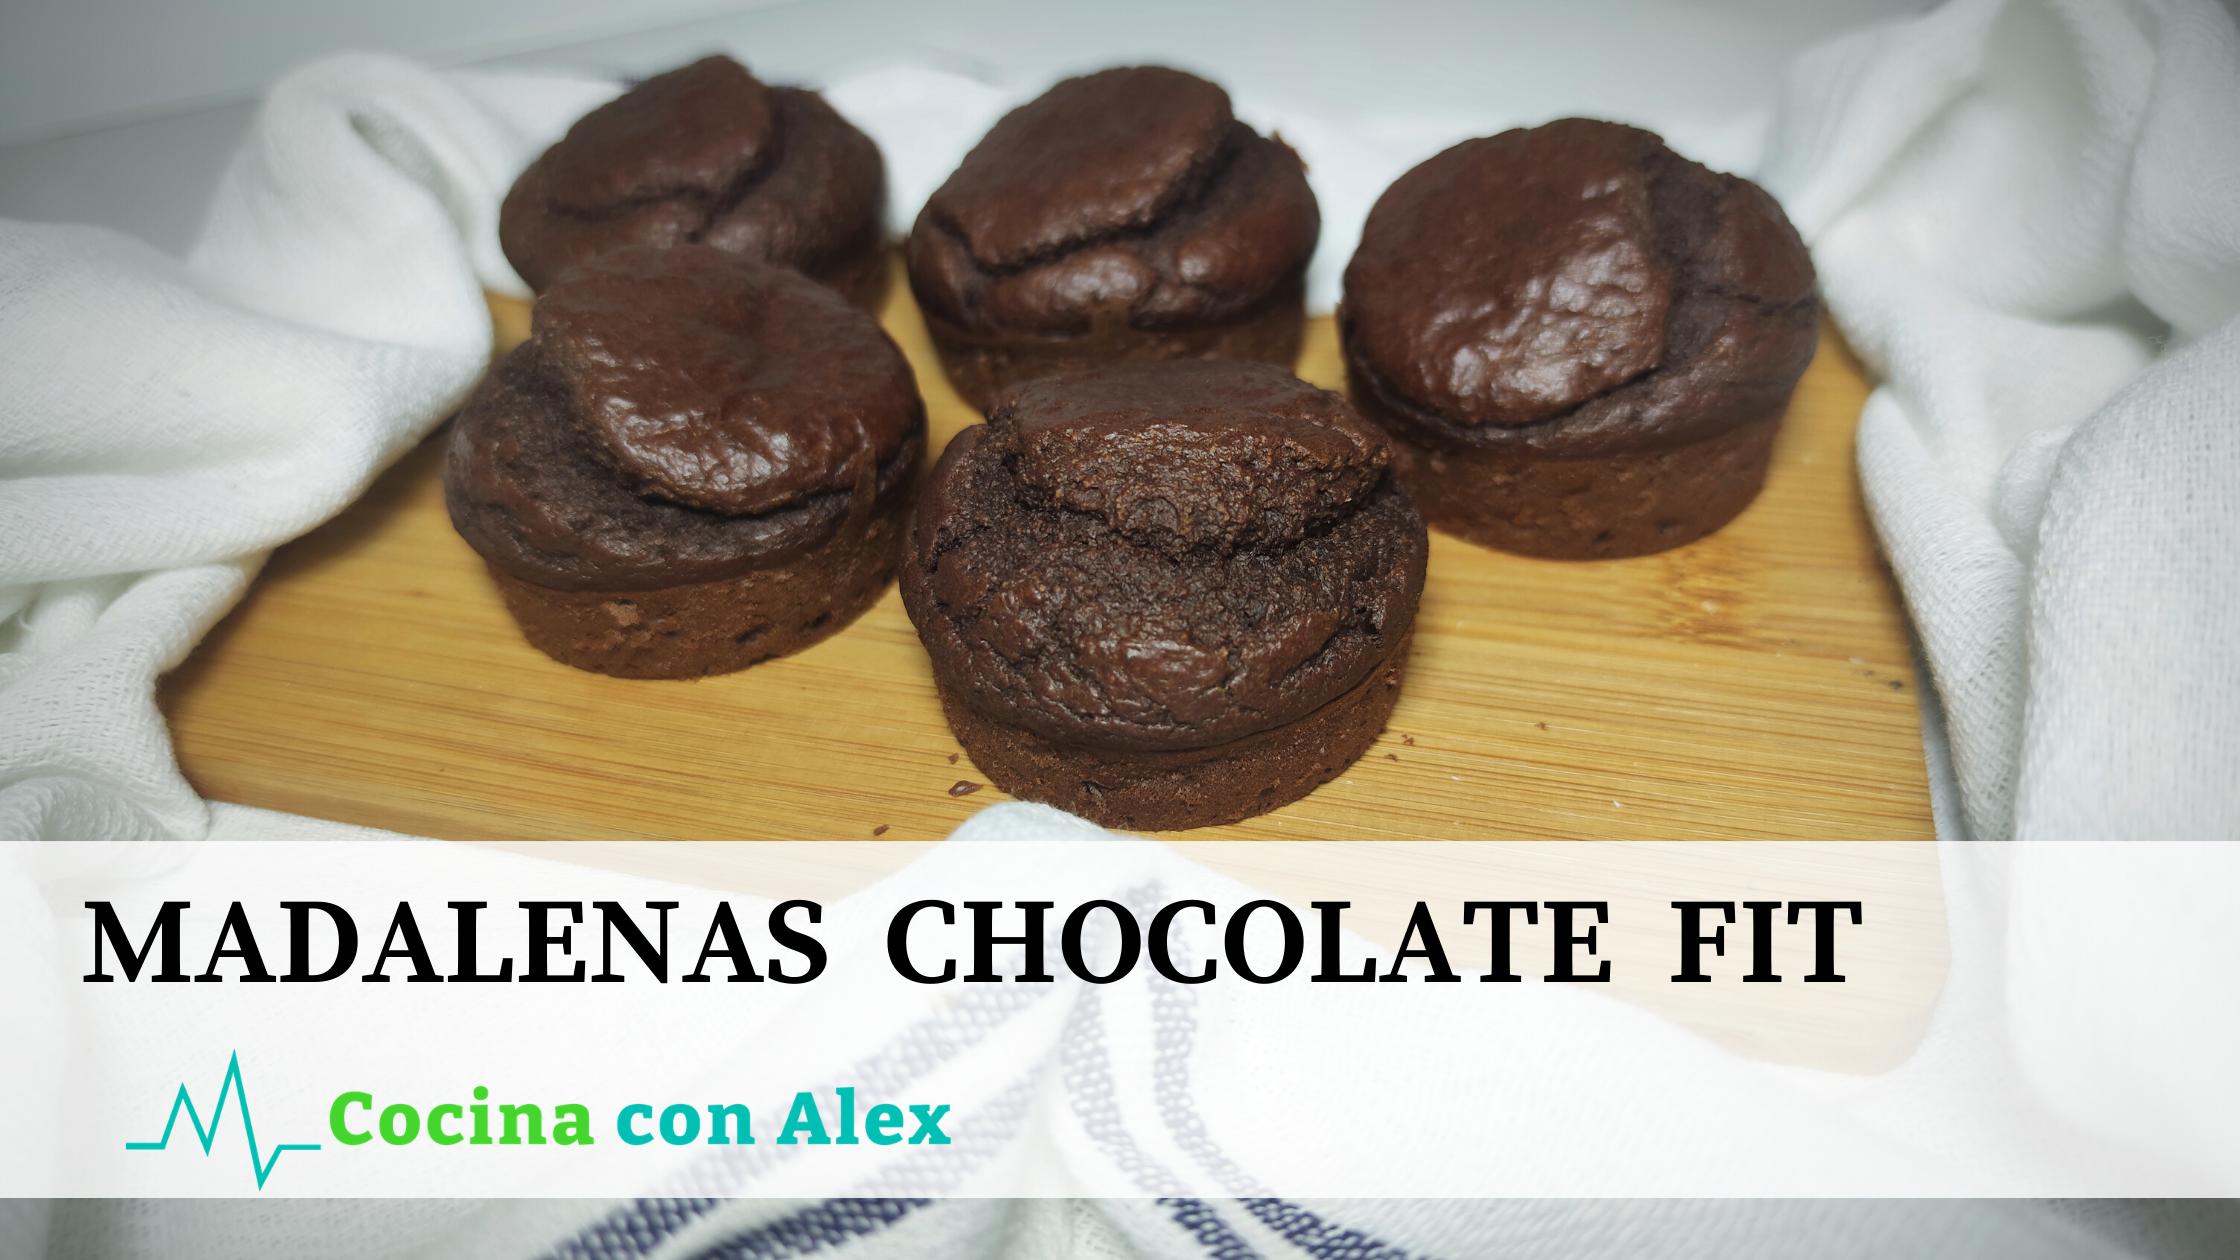 Magdalenas de chocolate fit alex arroyo fit. Estas magdalenas de chocolate son perfectas para las meriendas o como antojo de dulce sin tener remordimientos.